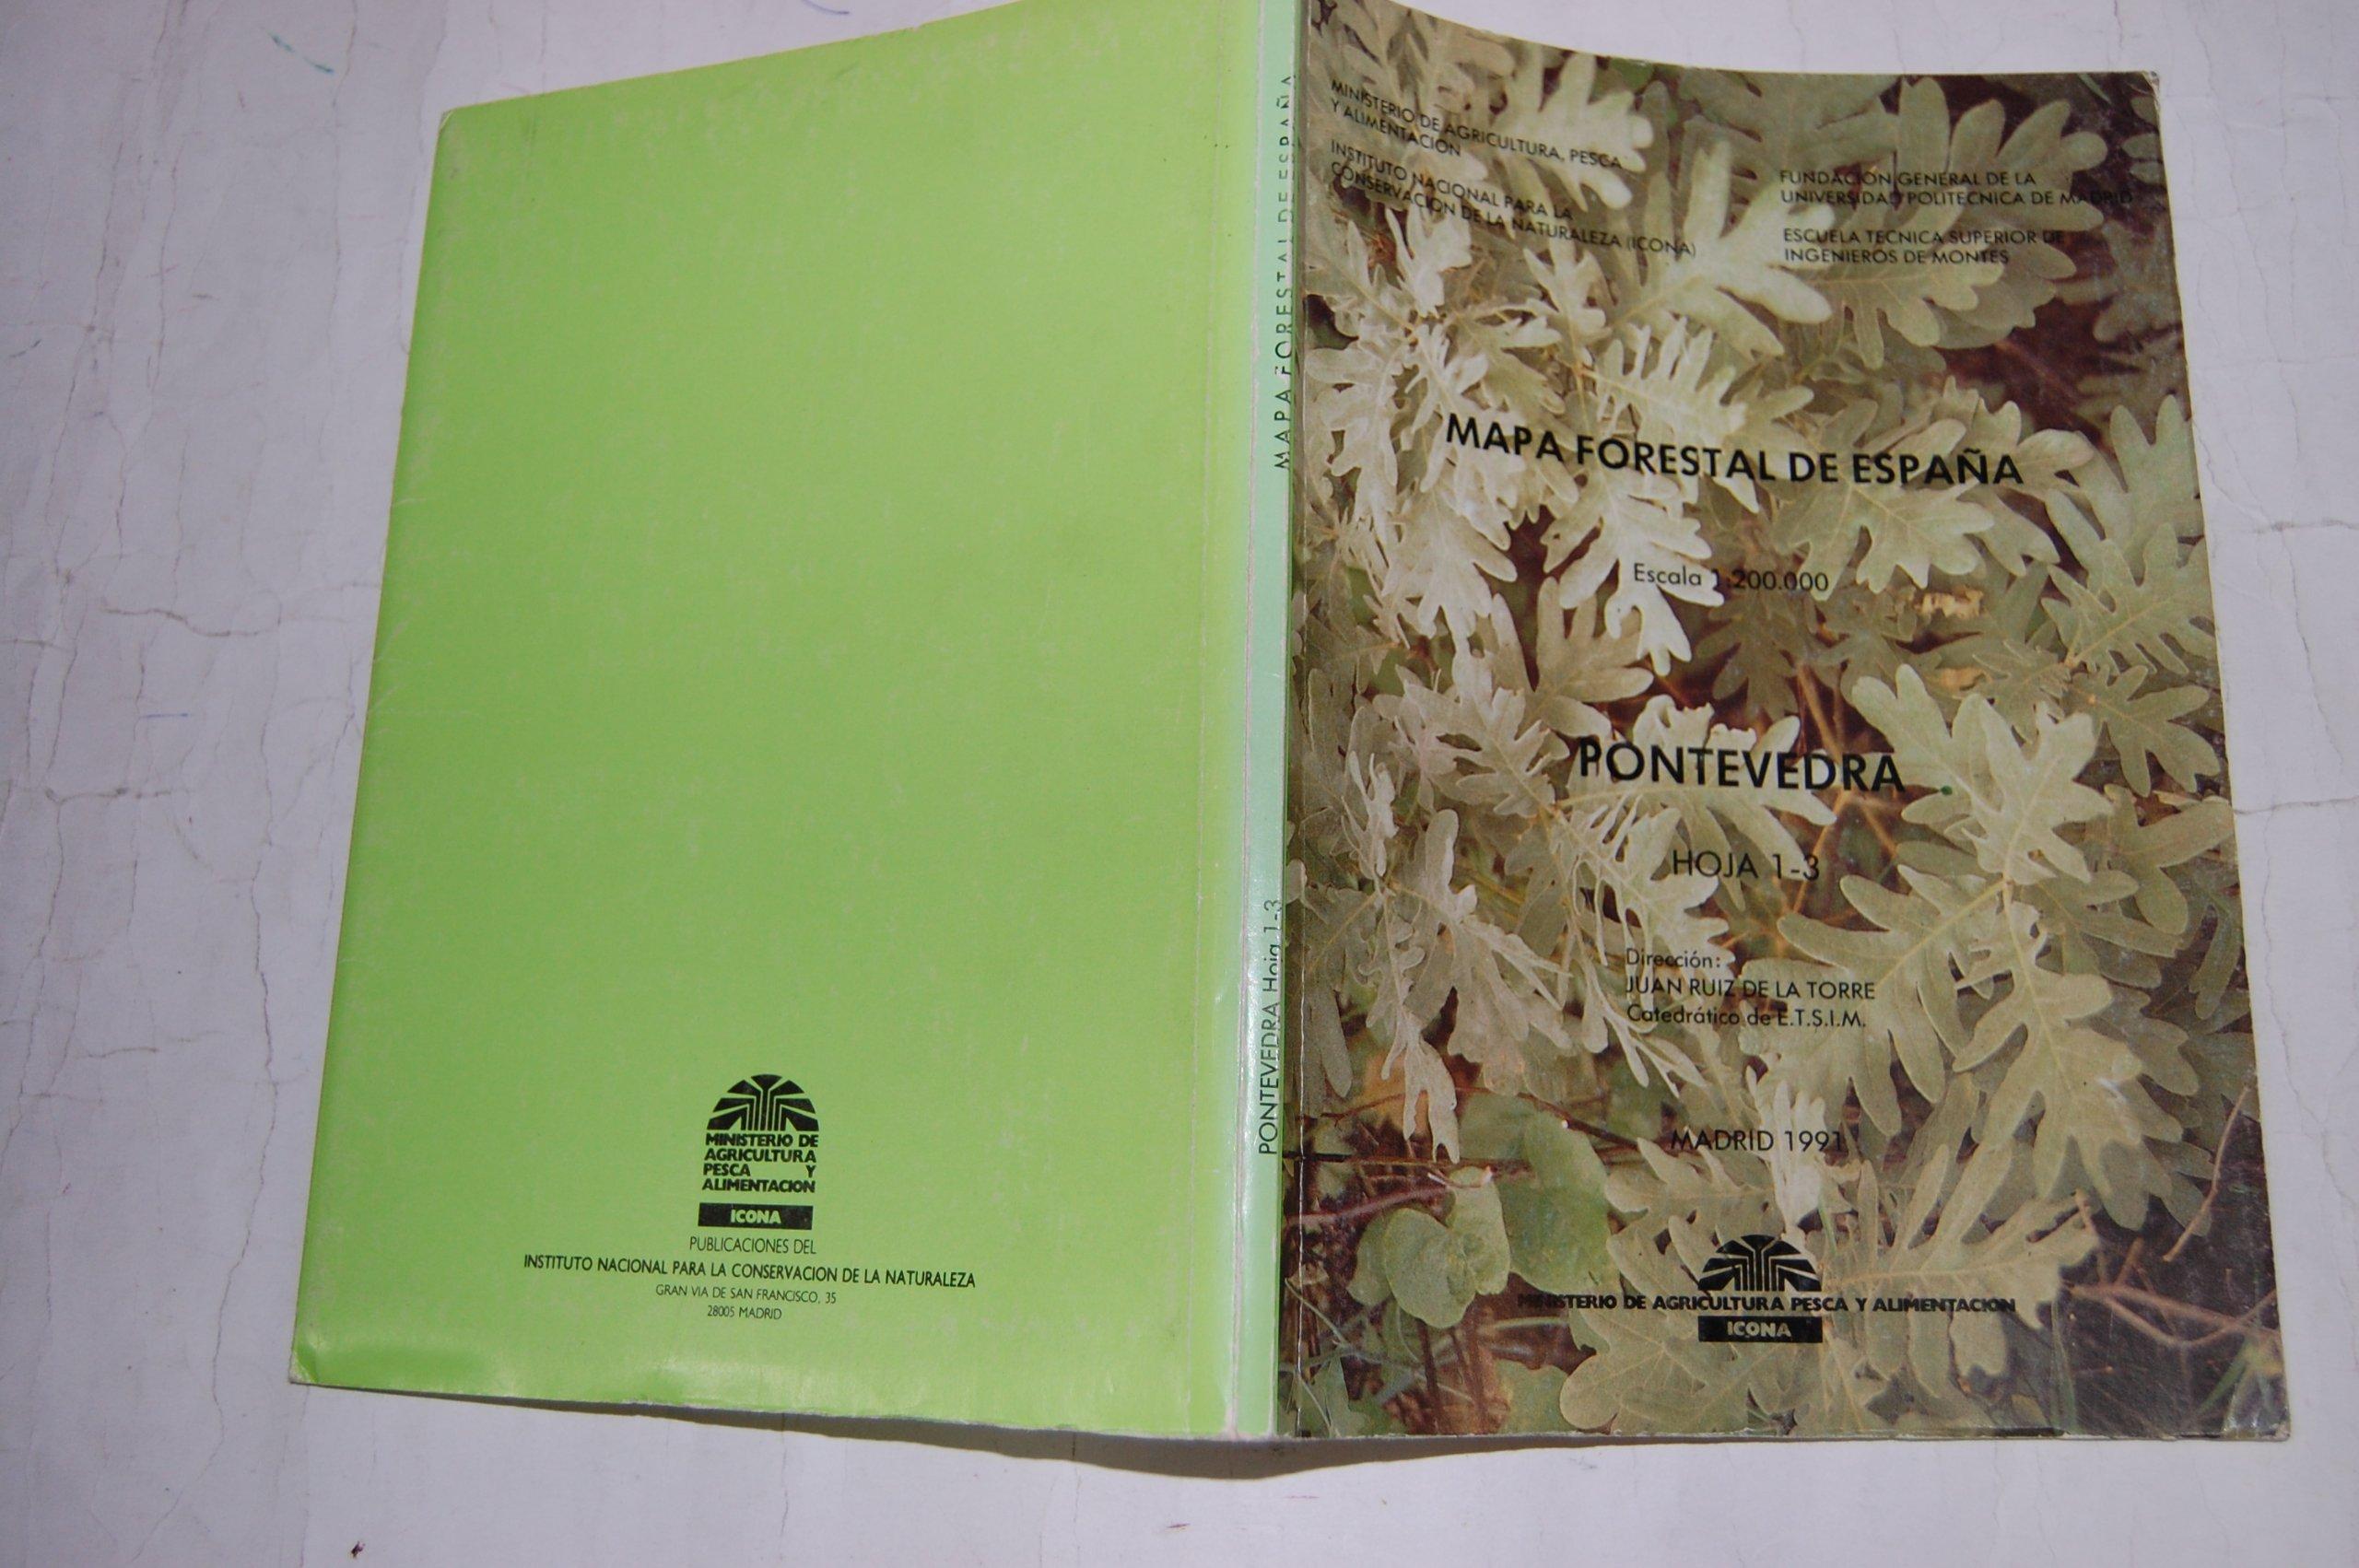 Mapa Forestal De Espana 1 200000 Hoja 1 3 Pontevedra